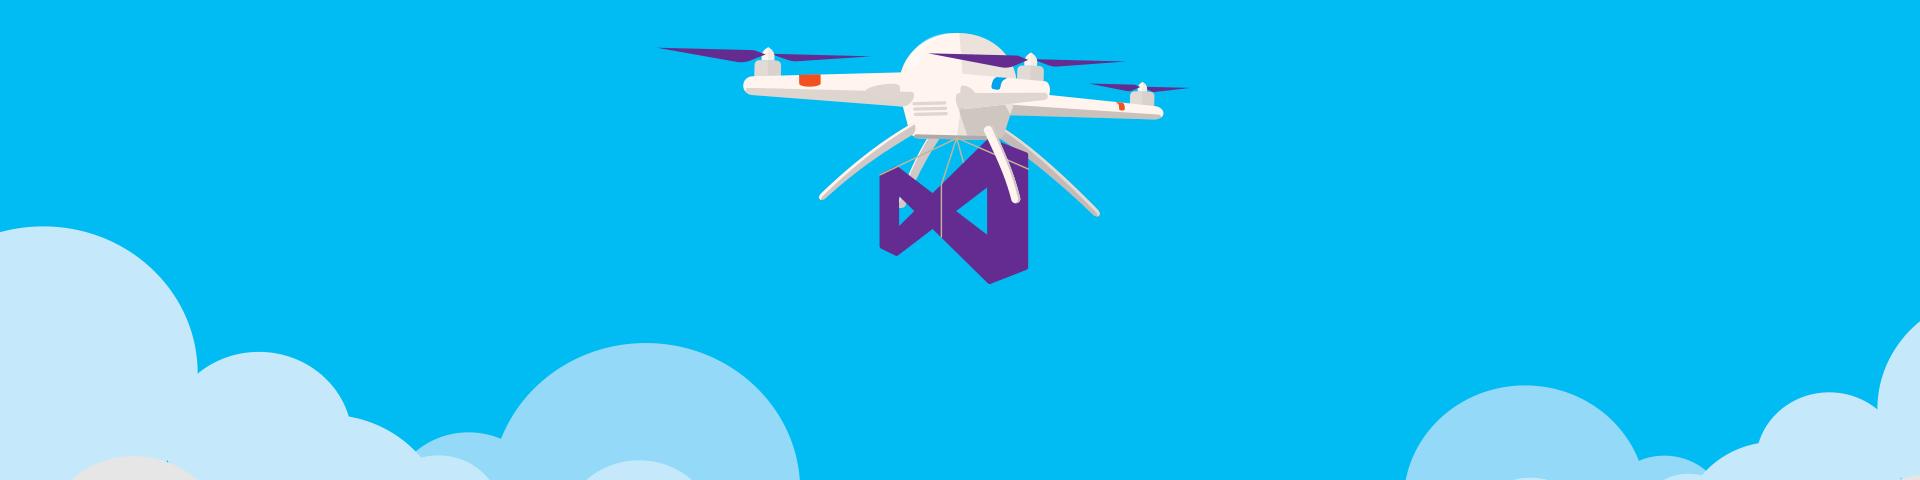 En illustration af en flyvende drone, der bærer et Visual Studio-logo